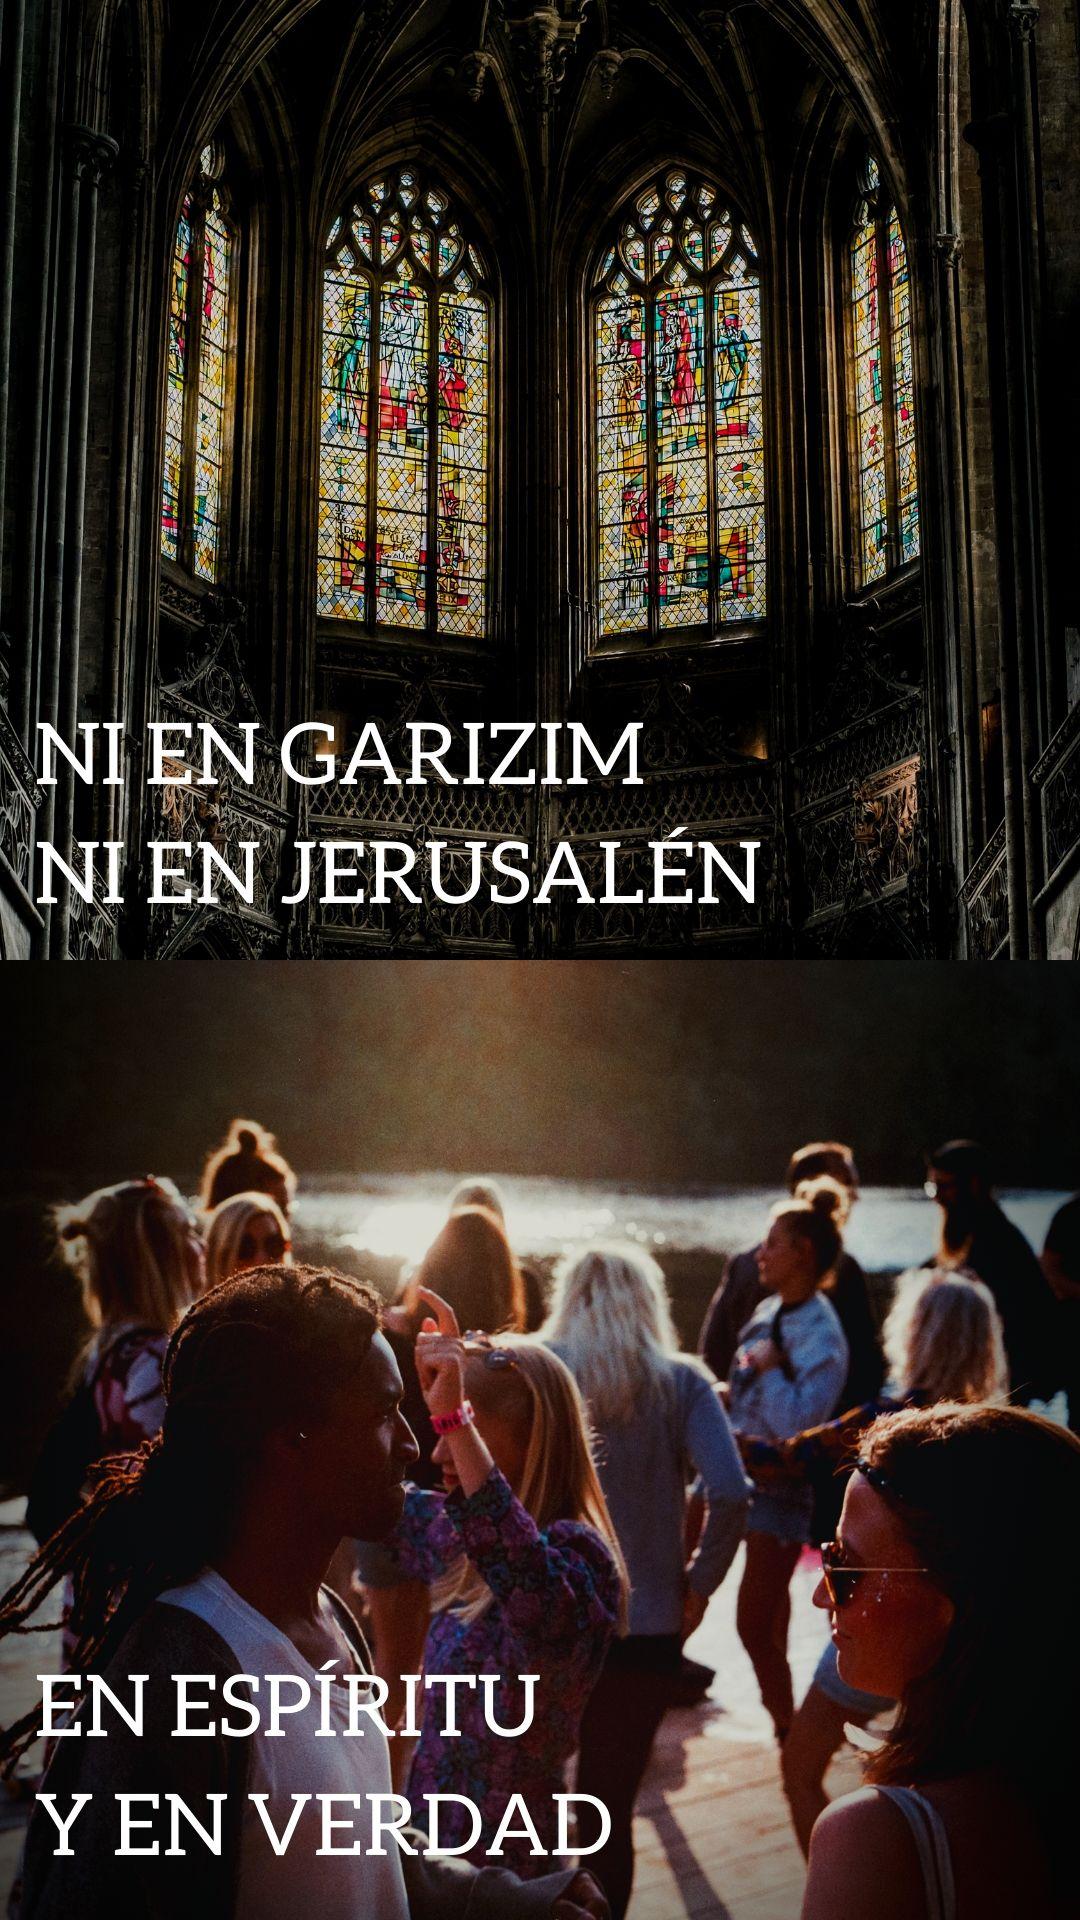 NI en Garizim ni en Jerusalén